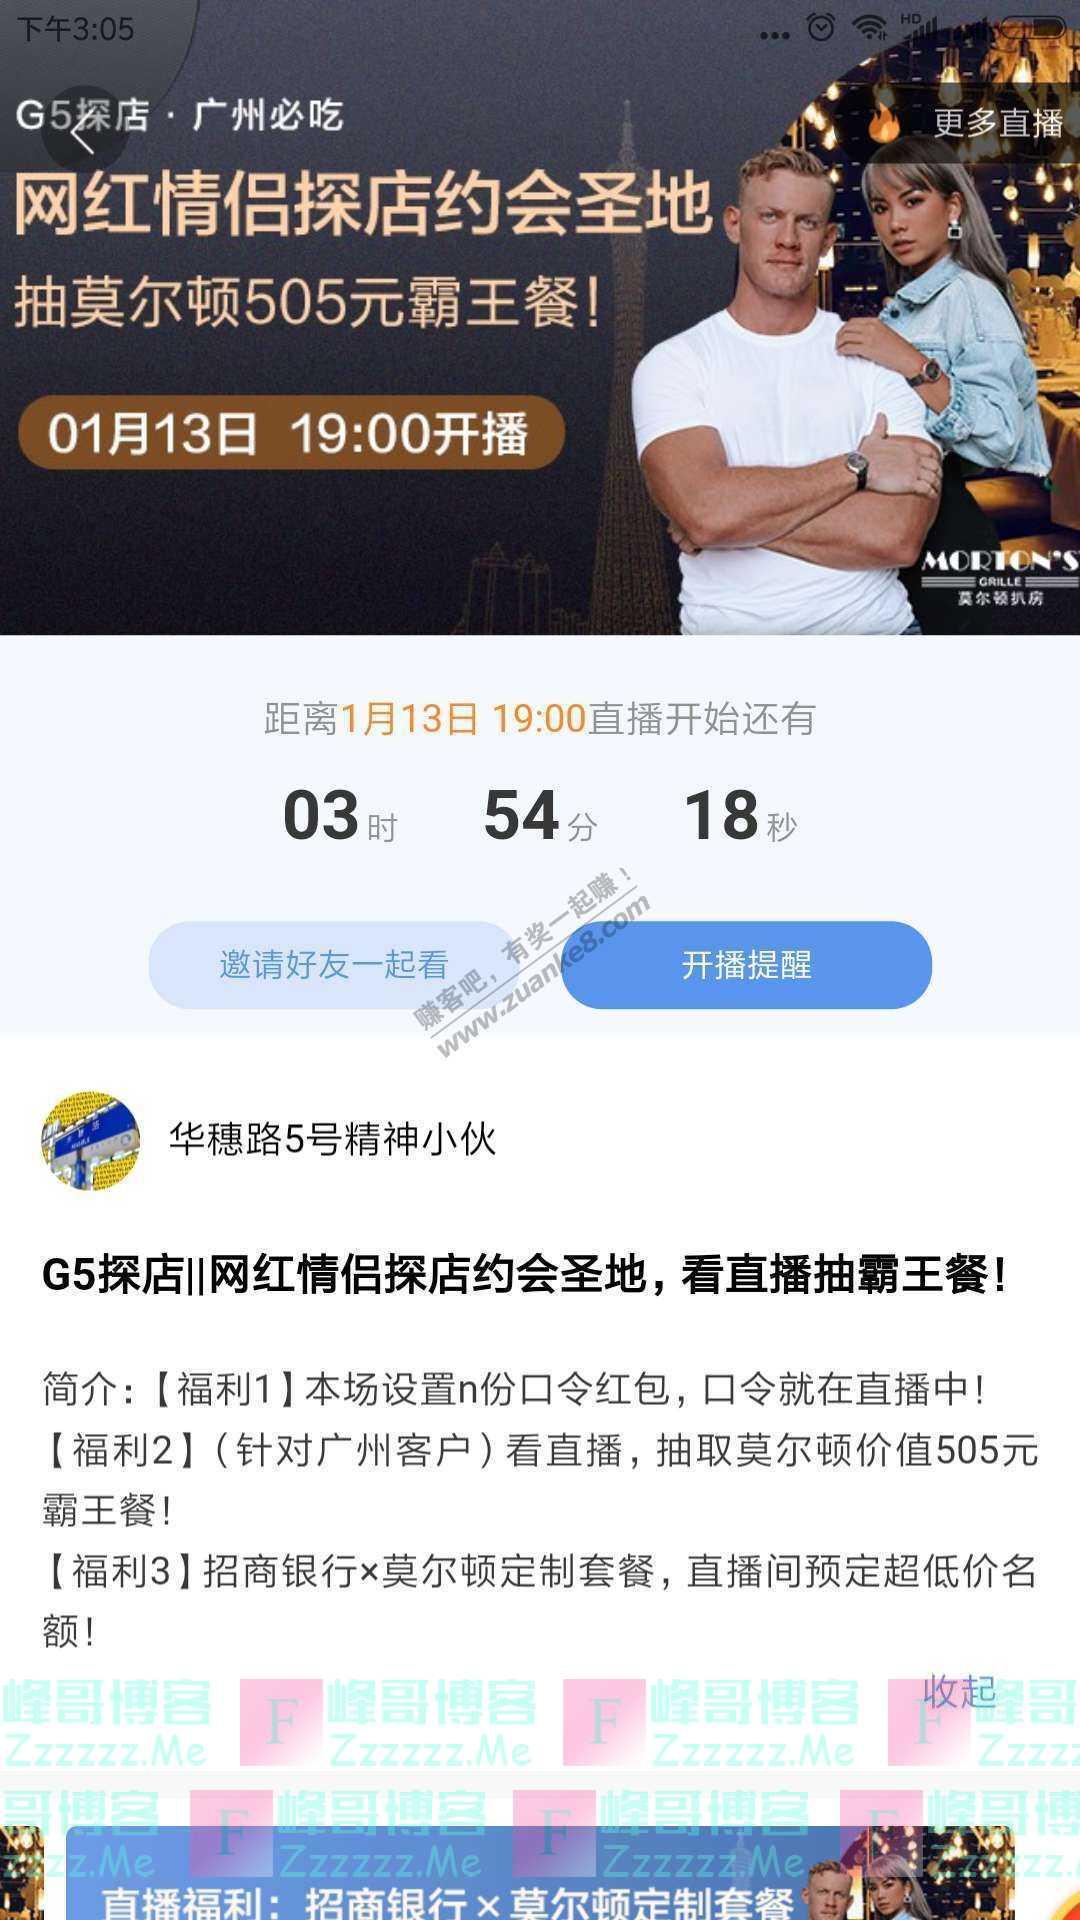 招商银行app老直播抽霸王餐(1月13日截止)